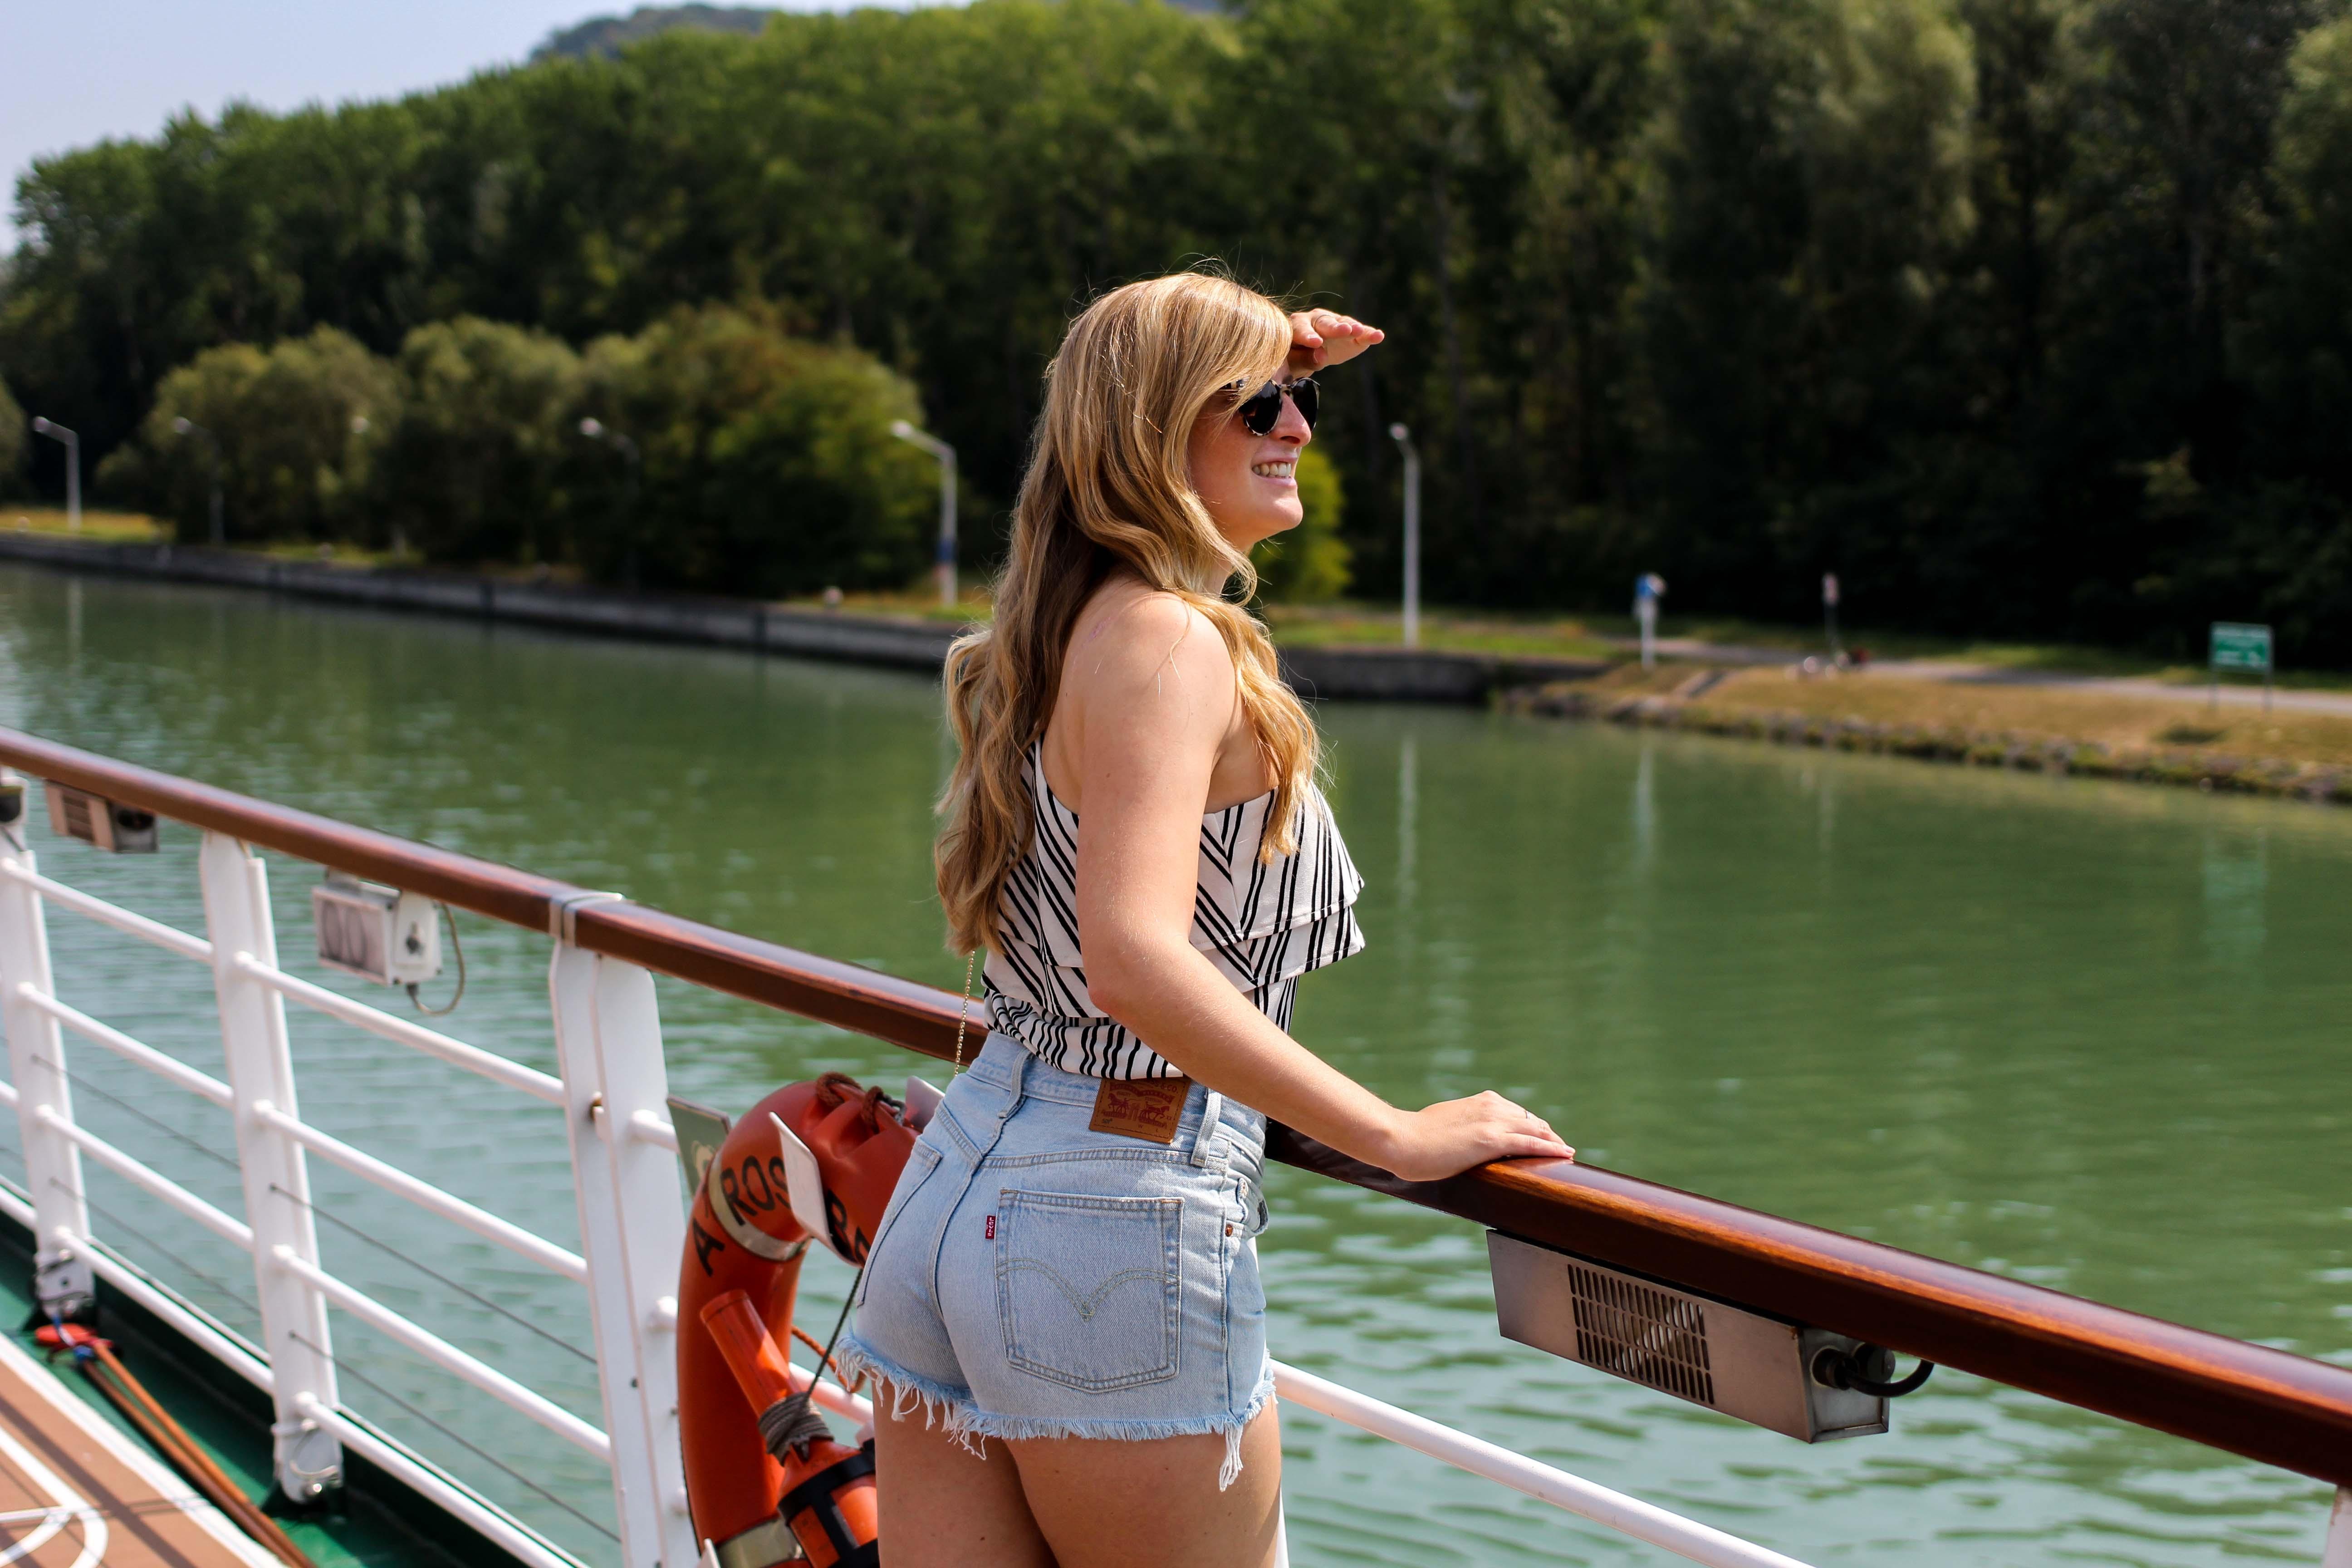 Donaukreuzfahrt A-Rosa Bella Flusskreuzfahrt Flusskreuzfahrtschiff Donau Engelhartszell Arosa Brinisfashionbook Reiseblogger 2